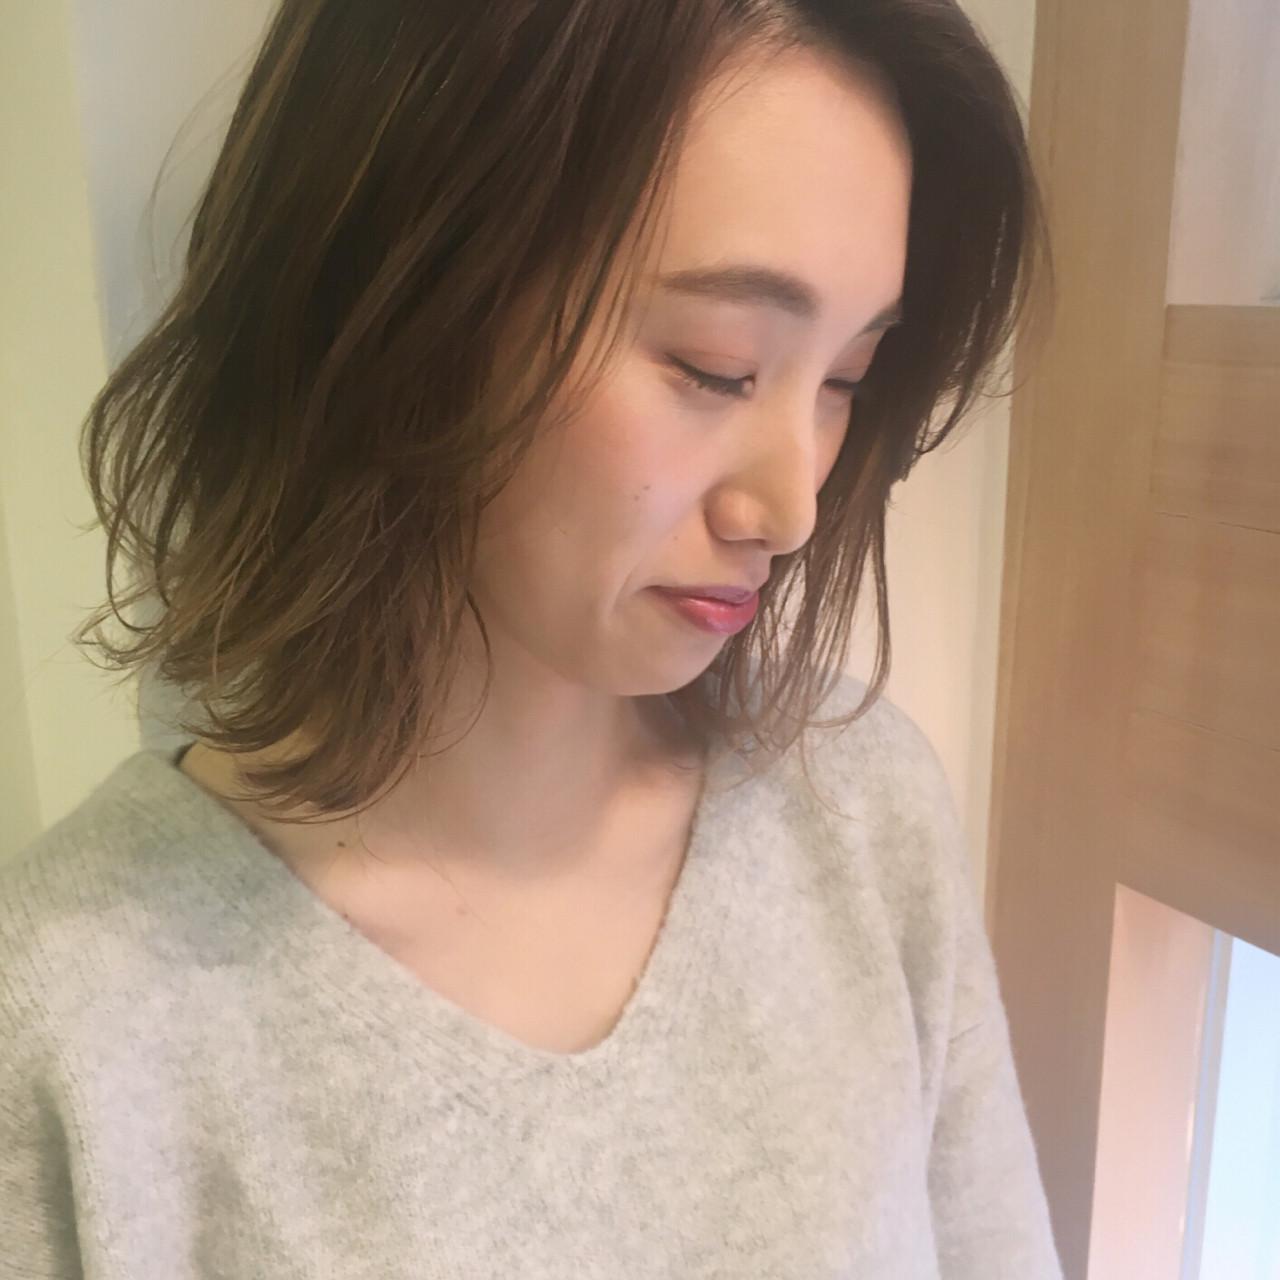 アッシュ ナチュラル ハイライト ボブ ヘアスタイルや髪型の写真・画像 | 岩田 和也 / NOE SALON / NOESALON